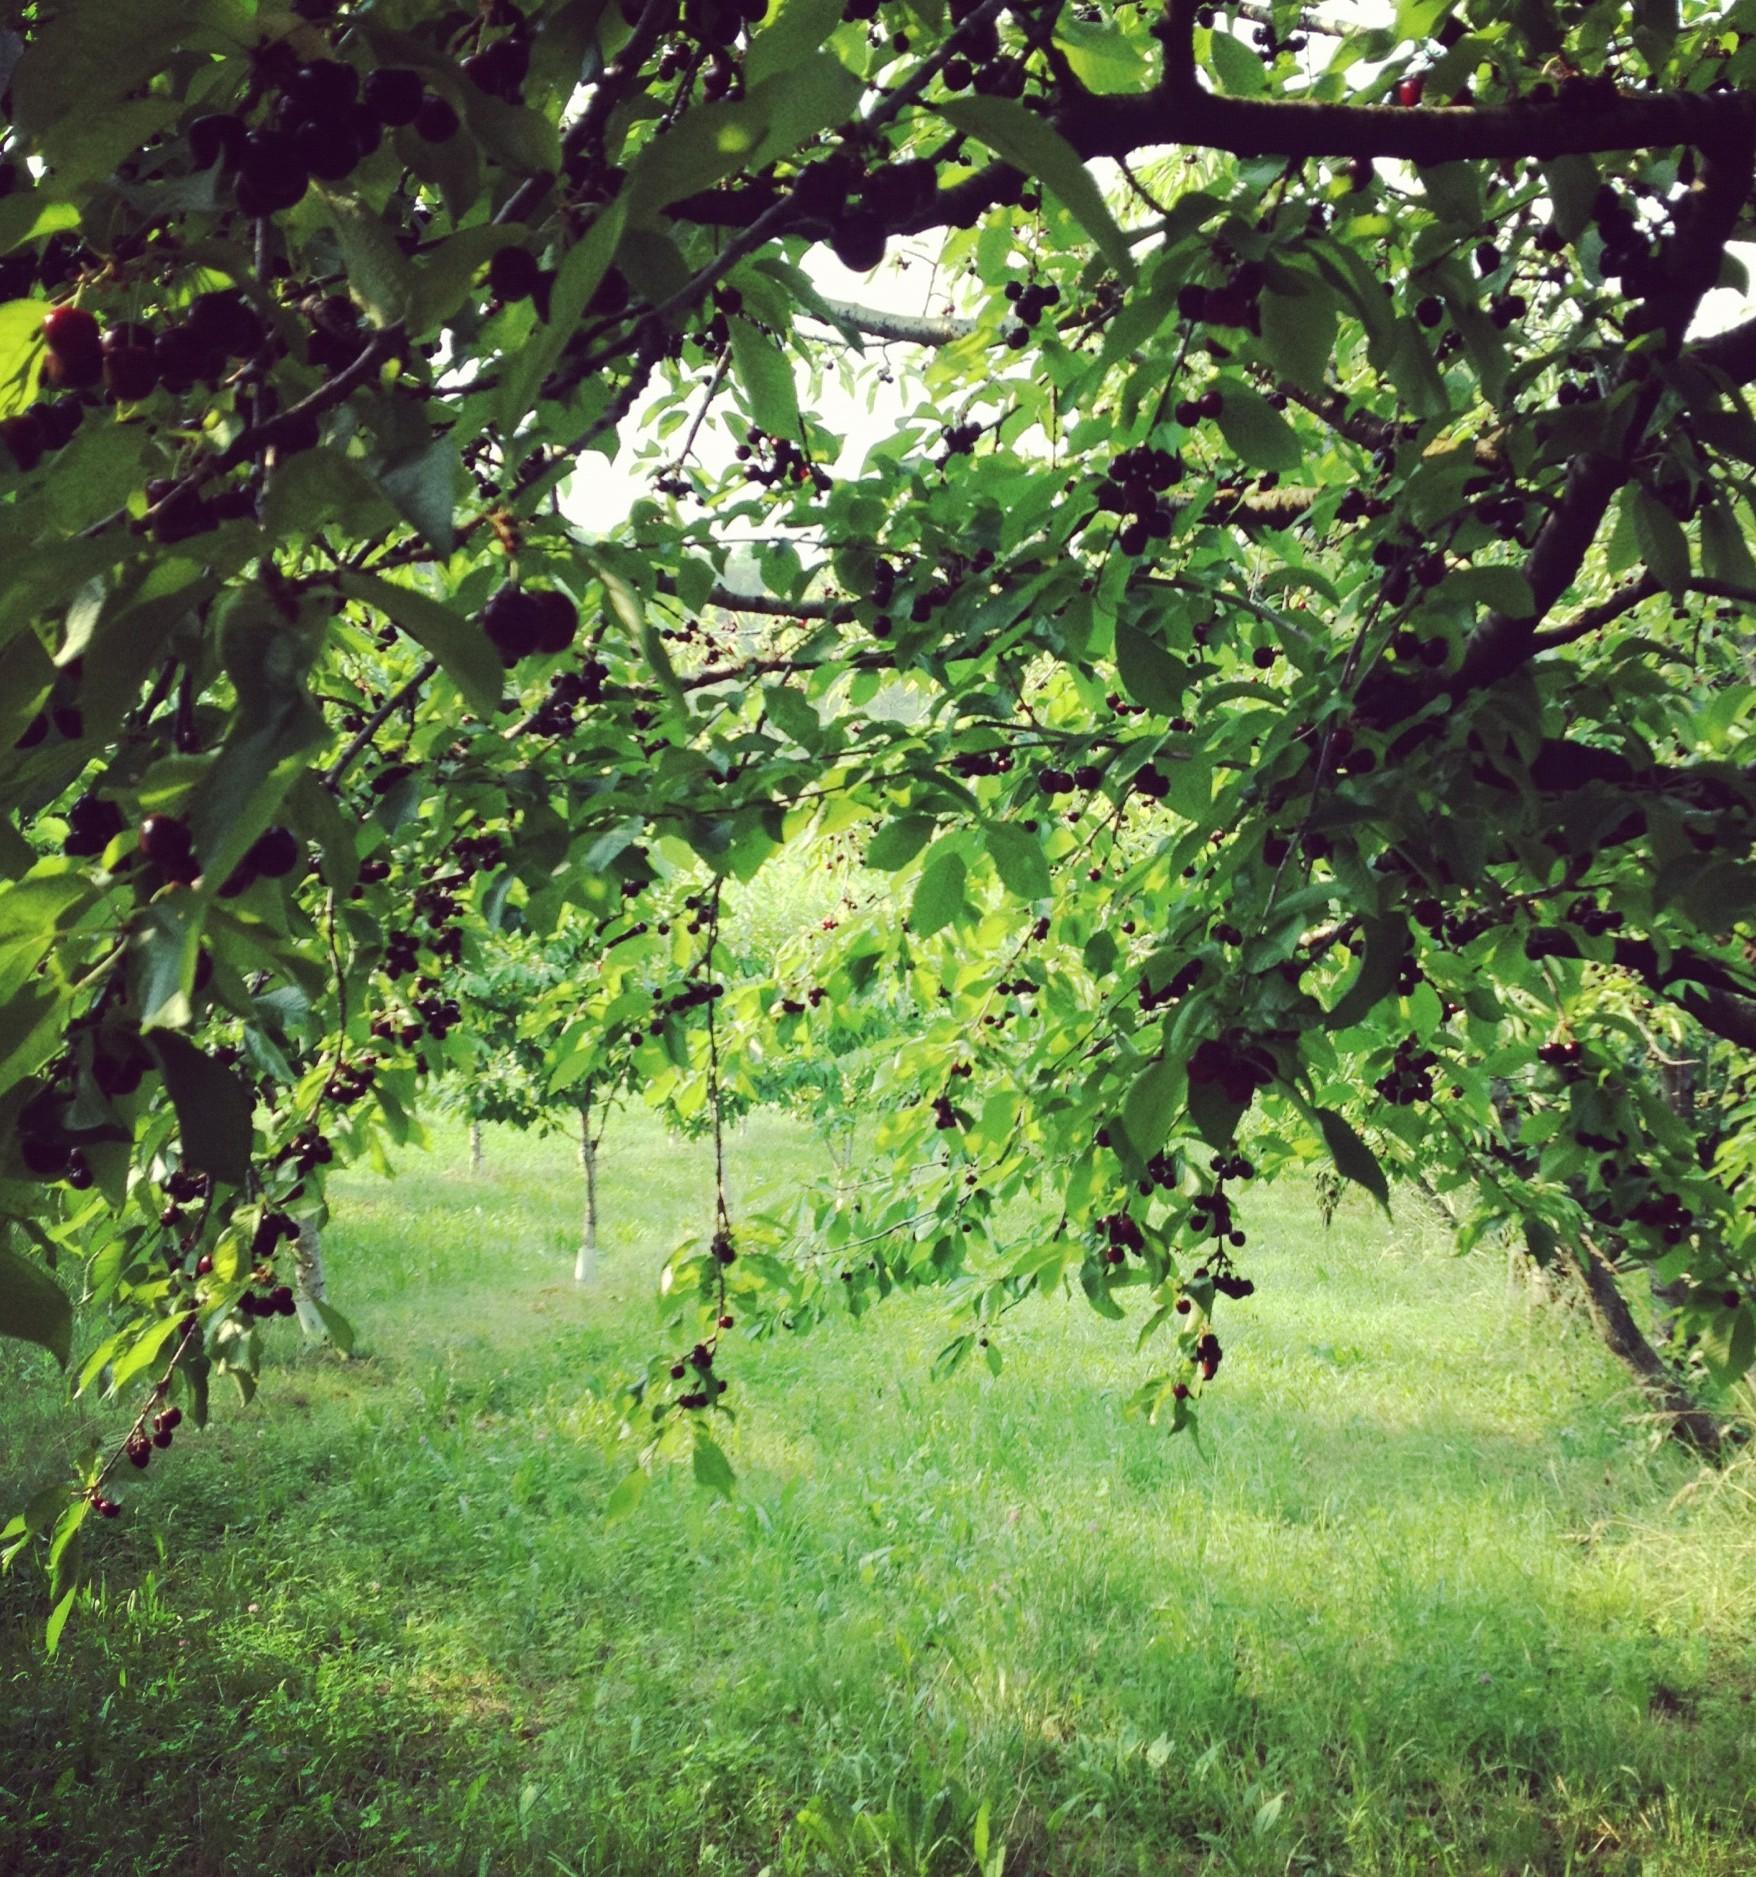 84enne cade dall'albero mentre raccoglie le ciliegie e muore dopo due giorni in ospedale